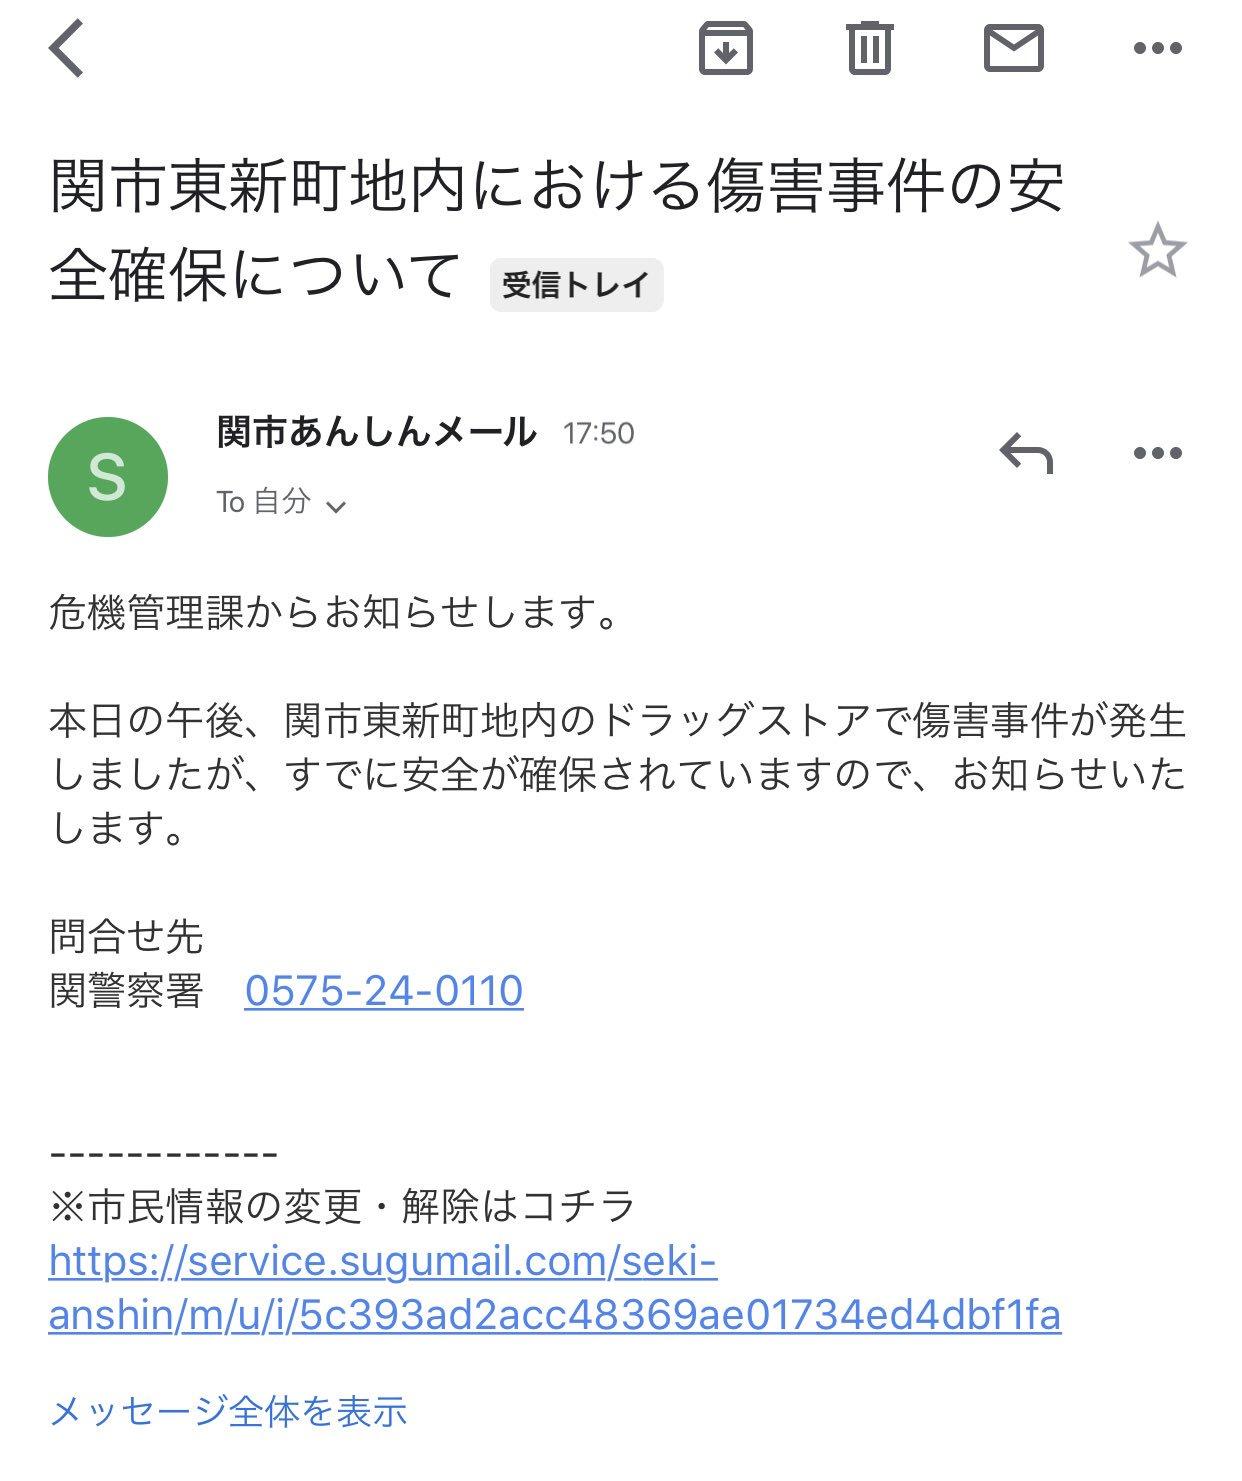 関 市 ゲンキー 事件